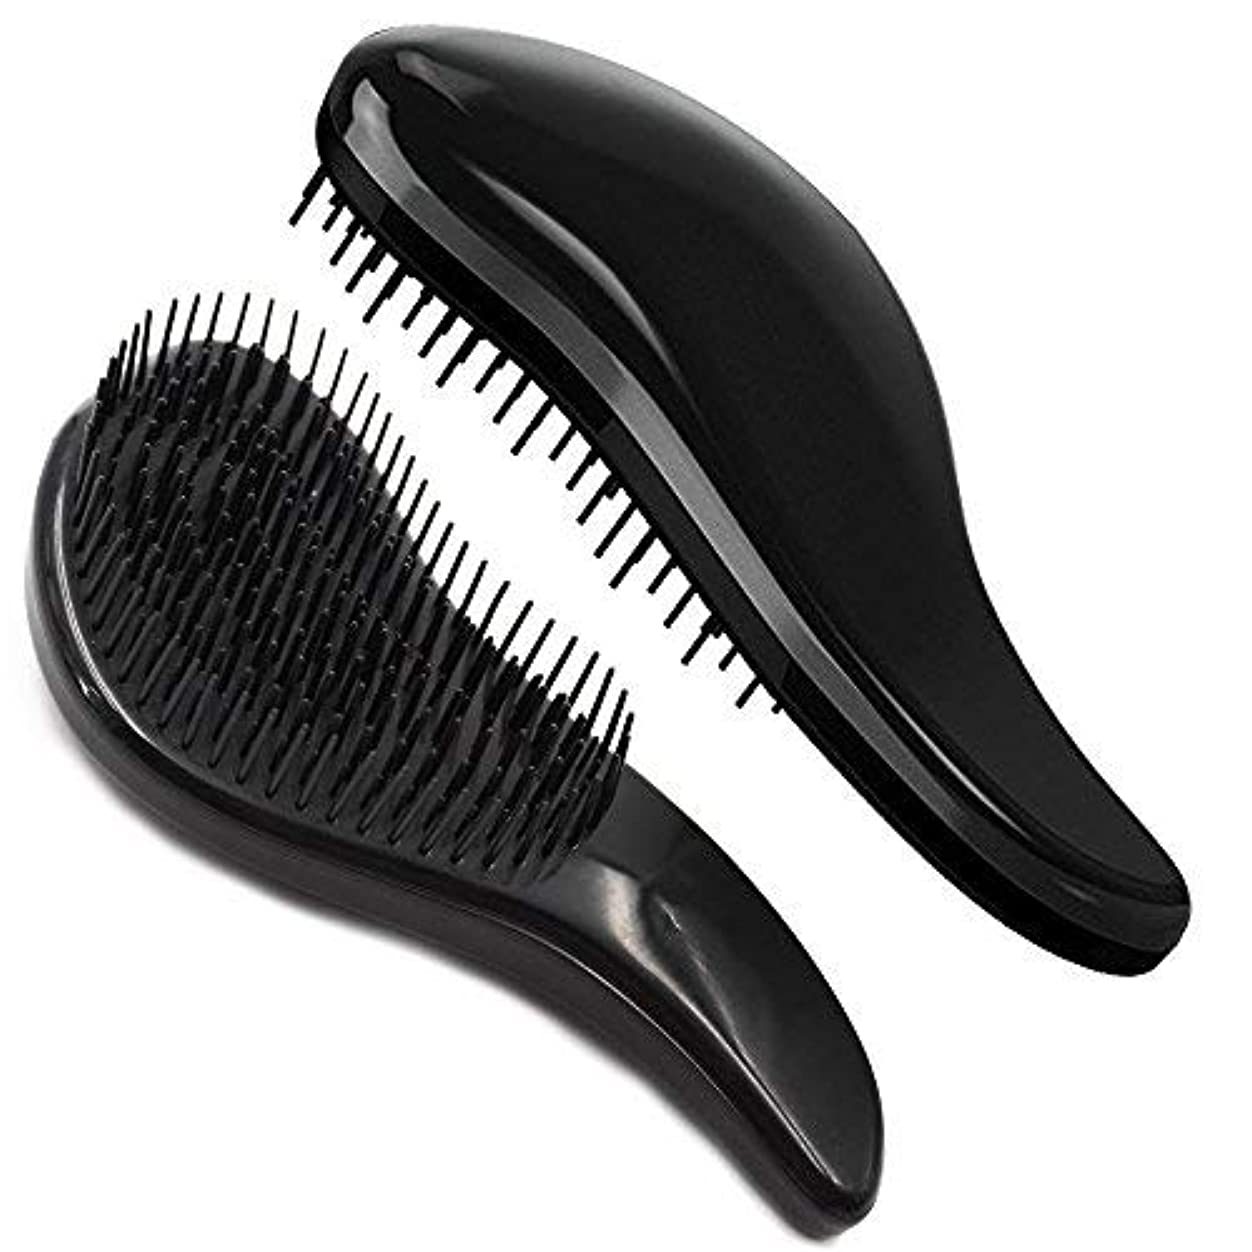 絶滅リスト拡声器Brush Master Detangler Hair Comb Hair Brush for Wet Hair Curly Hair Straight Hair for Women Men Kids Black [並行輸入品]